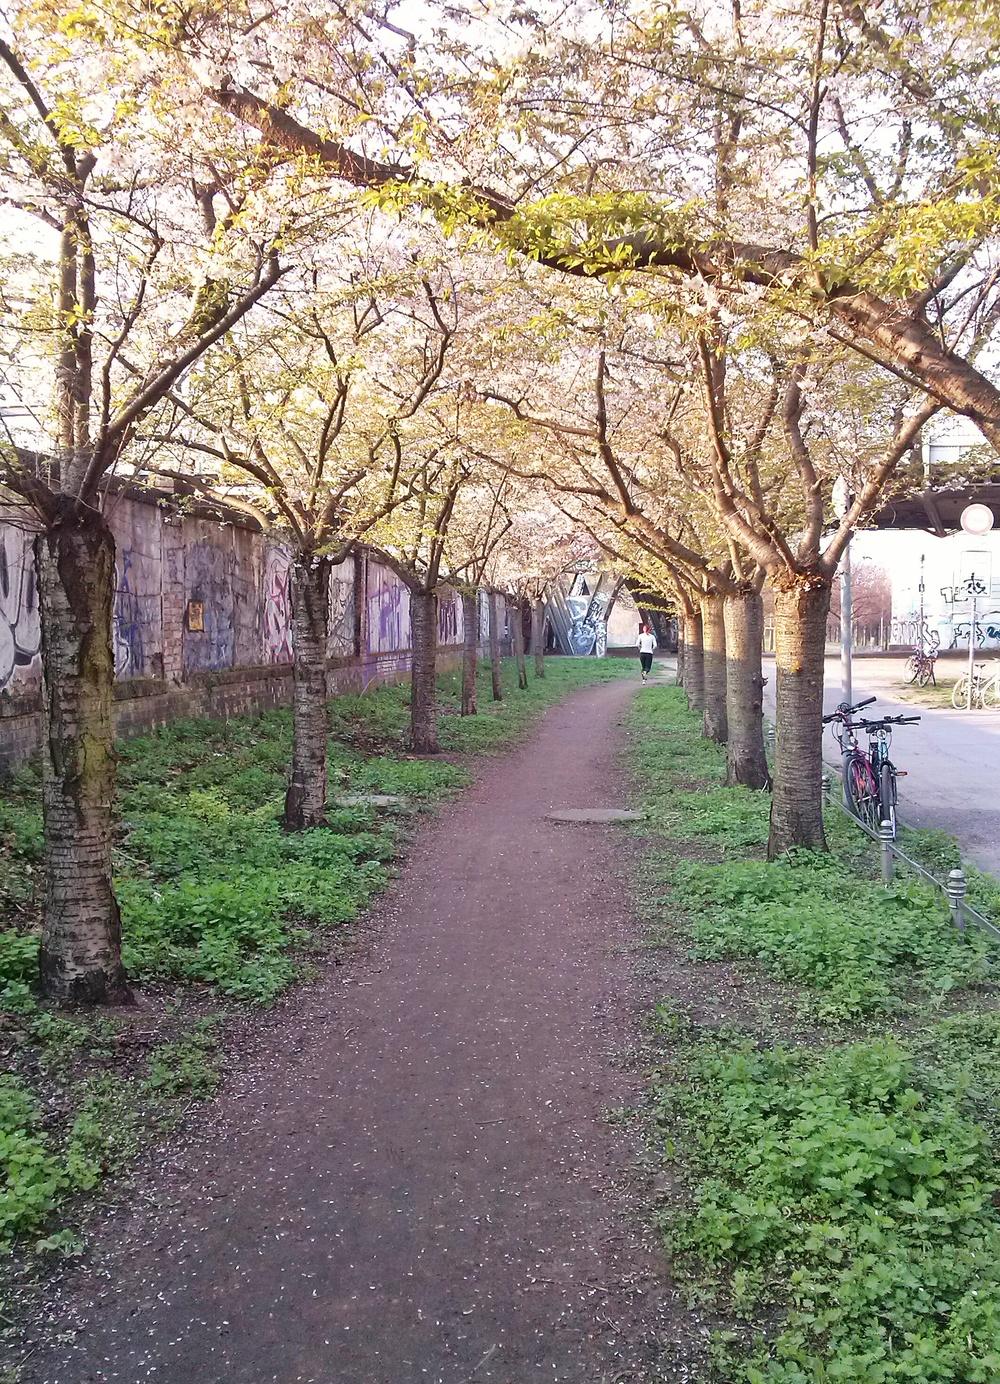 Επίσης λίγο πριν ανθίσουν οι κερασιές, αυτή τη φορά κάτω από τη γέφυρα της Bornholmerstraße.